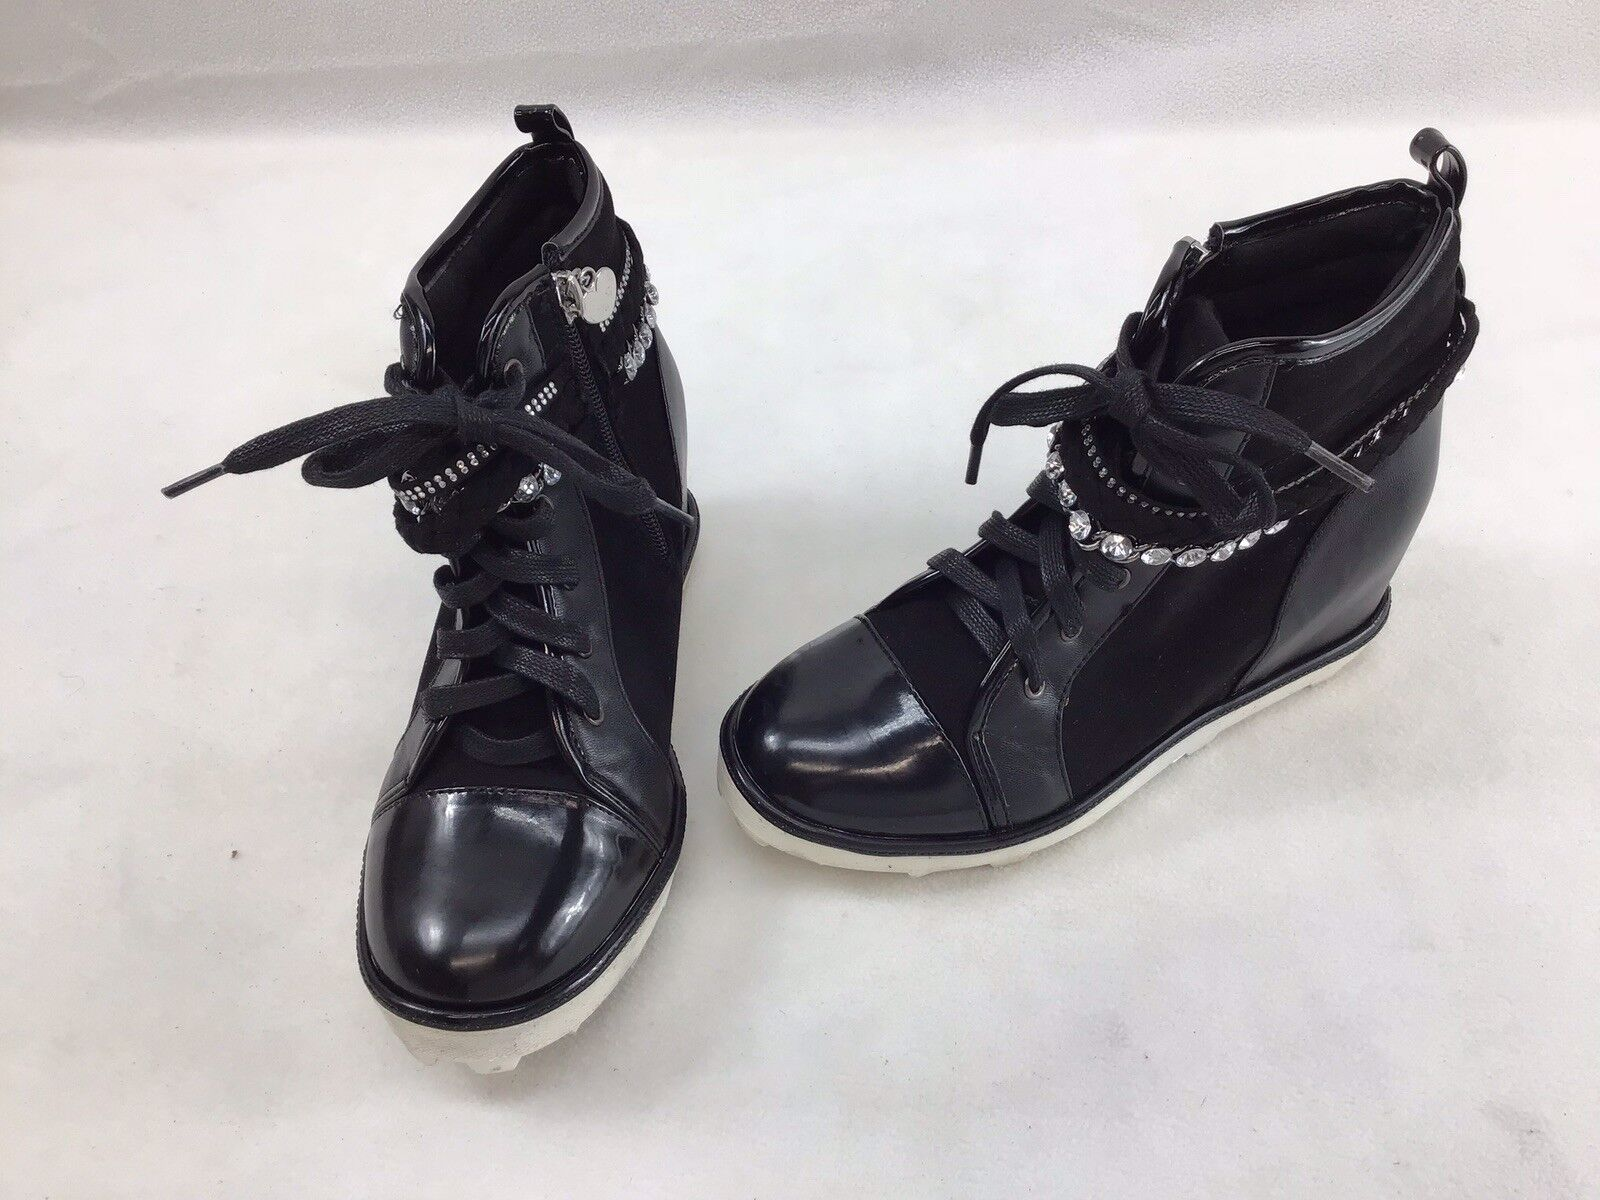 Stuart Weitzman Ariana chaîne noir noir noir compensé Pointure 4 F2142  6f89f6